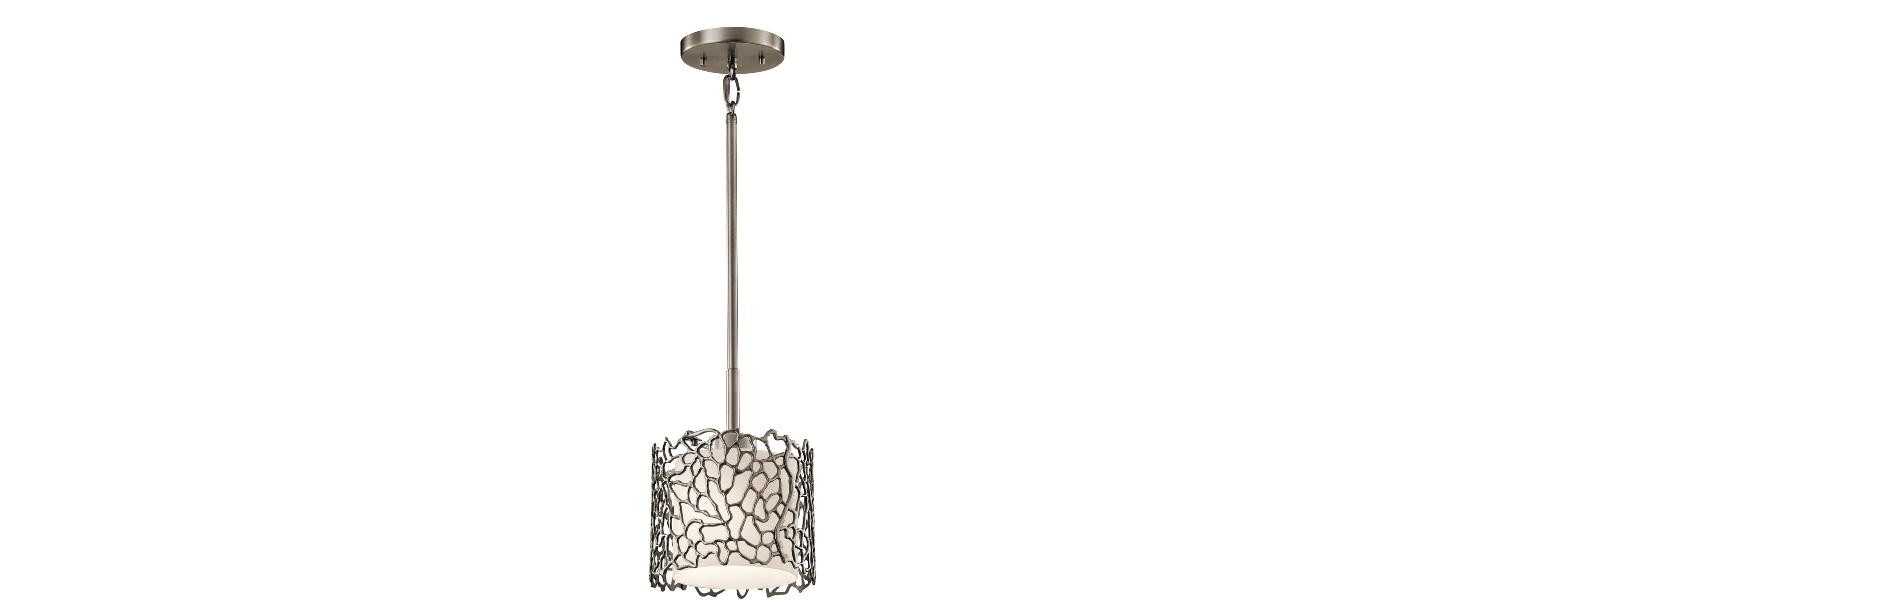 Подвесной светильник KichlerПодвесные светильники<br>Цоколь: E27.&amp;amp;nbsp;&amp;lt;div&amp;gt;Мощность: 100W.&amp;amp;nbsp;&amp;lt;/div&amp;gt;&amp;lt;div&amp;gt;Количество ламп: 1.&amp;amp;nbsp;&amp;lt;/div&amp;gt;&amp;lt;div&amp;gt;Цвет: классическое олово.&amp;lt;/div&amp;gt;<br><br>Material: Металл<br>Высота см: 121